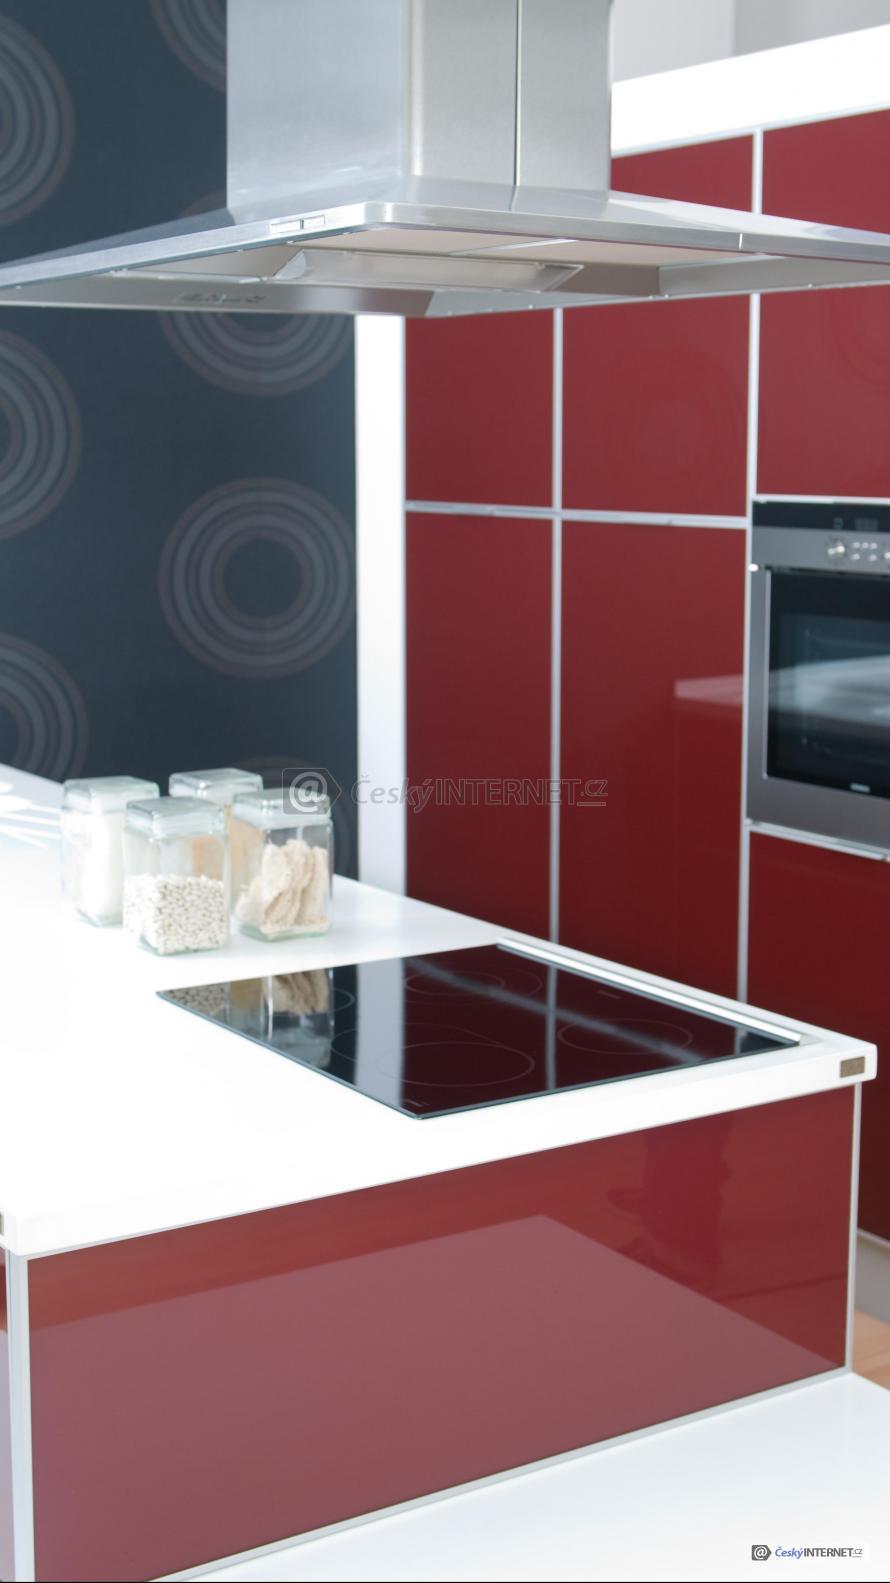 Moderní kuchyně s detailem digestoře.